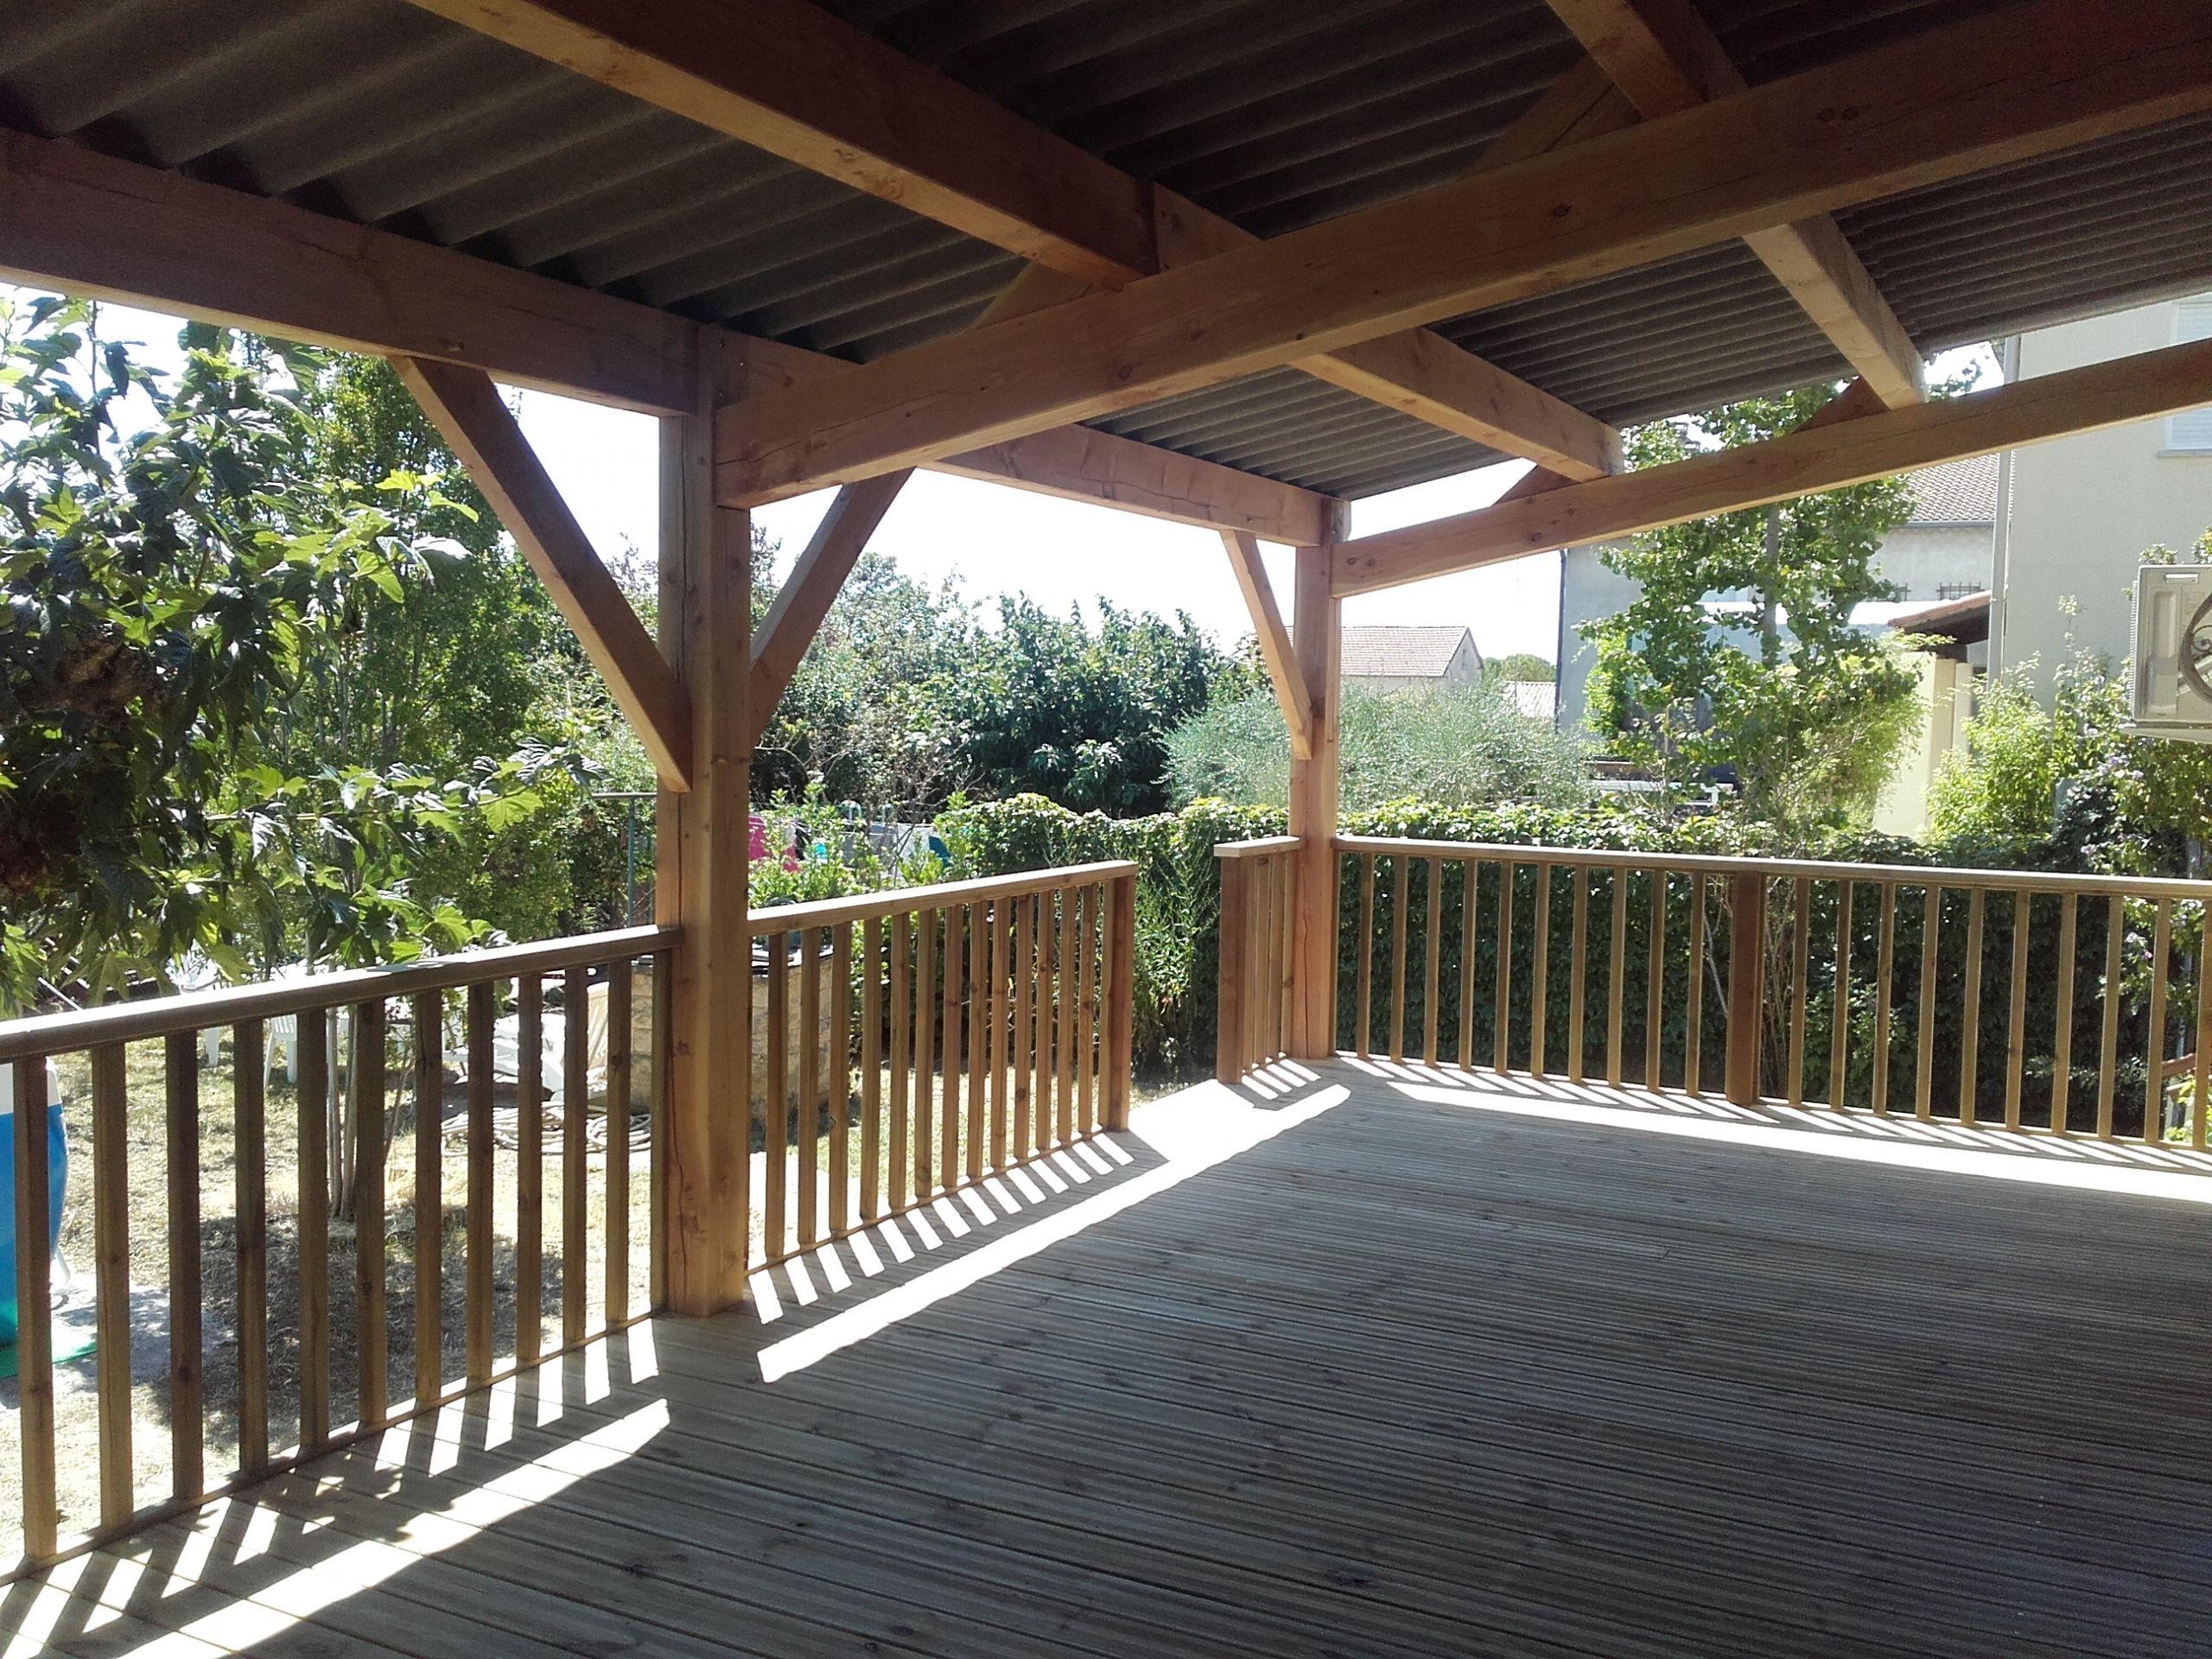 Auvent et terrasse bois BOISECO Construction Maisons a